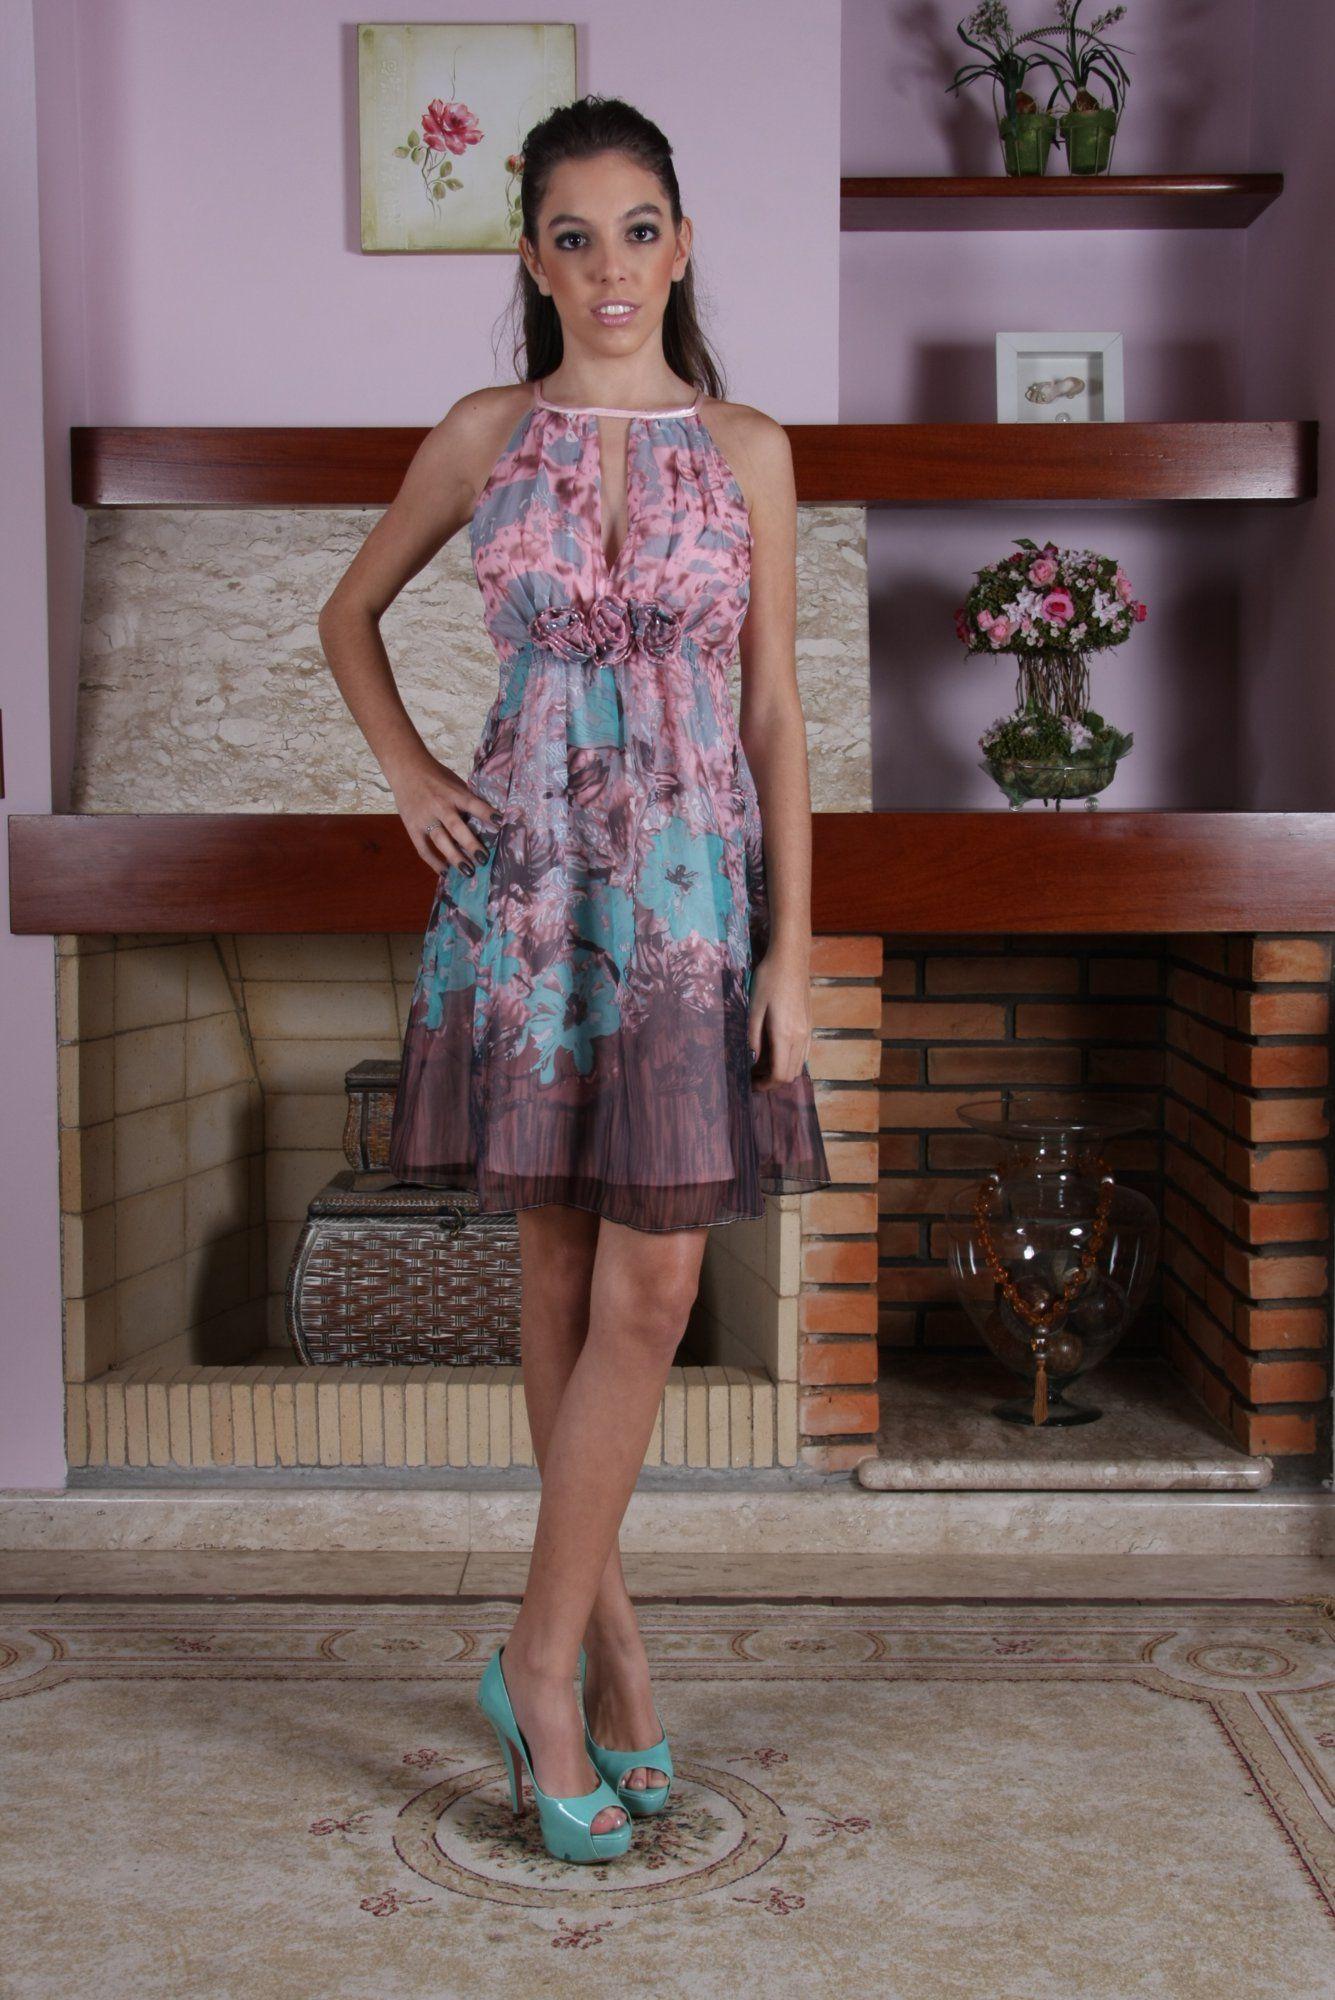 Vestido de Debutante Outros Modelos - 6 - Hipnose Alta Costura e Spa para Noivas e Noivos - Campinas - SP Vestido de Debutante, Vestido de Debutante Outros Modelos, Hipnose Alta Costura